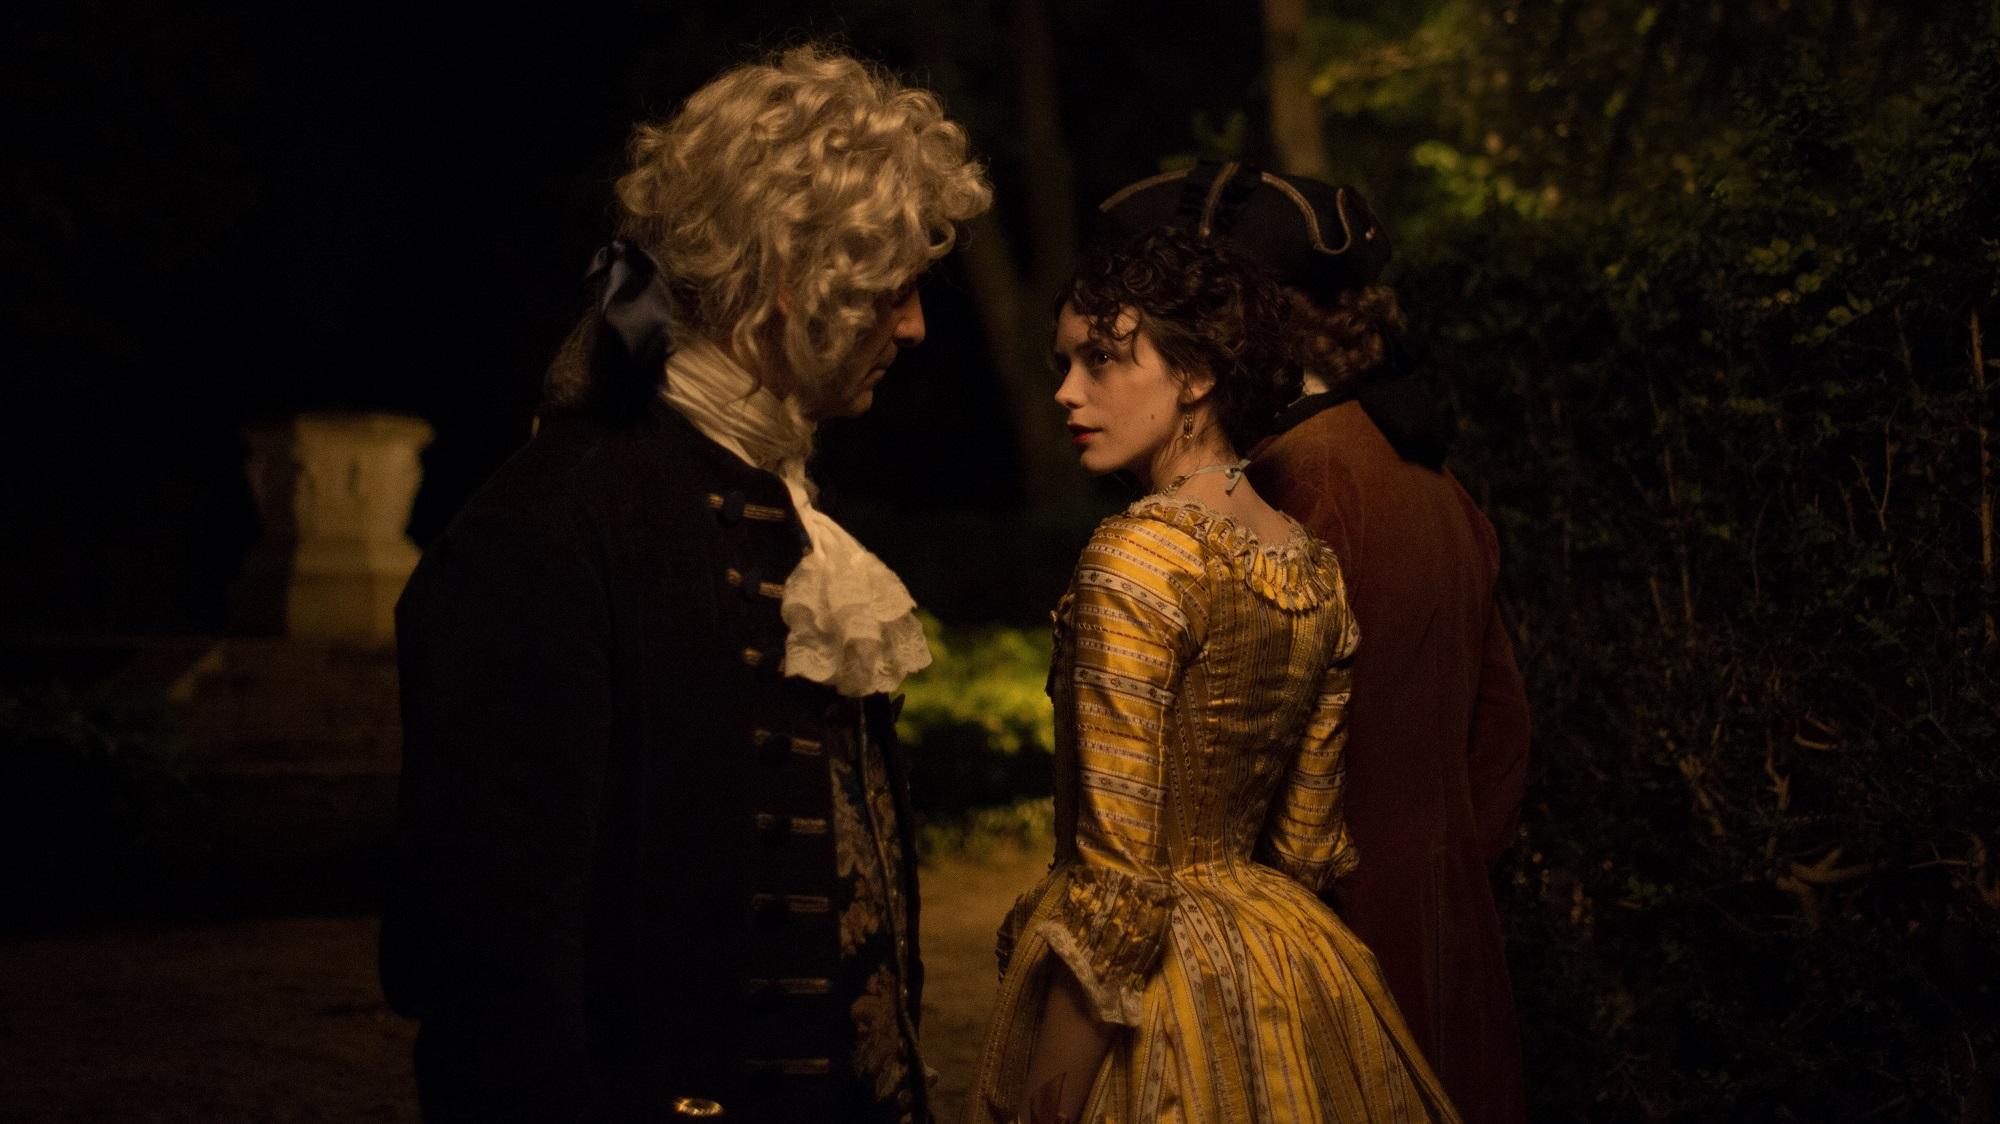 Casanova - Az utolsó szerelem - A csábítás dögunalmas is lehet